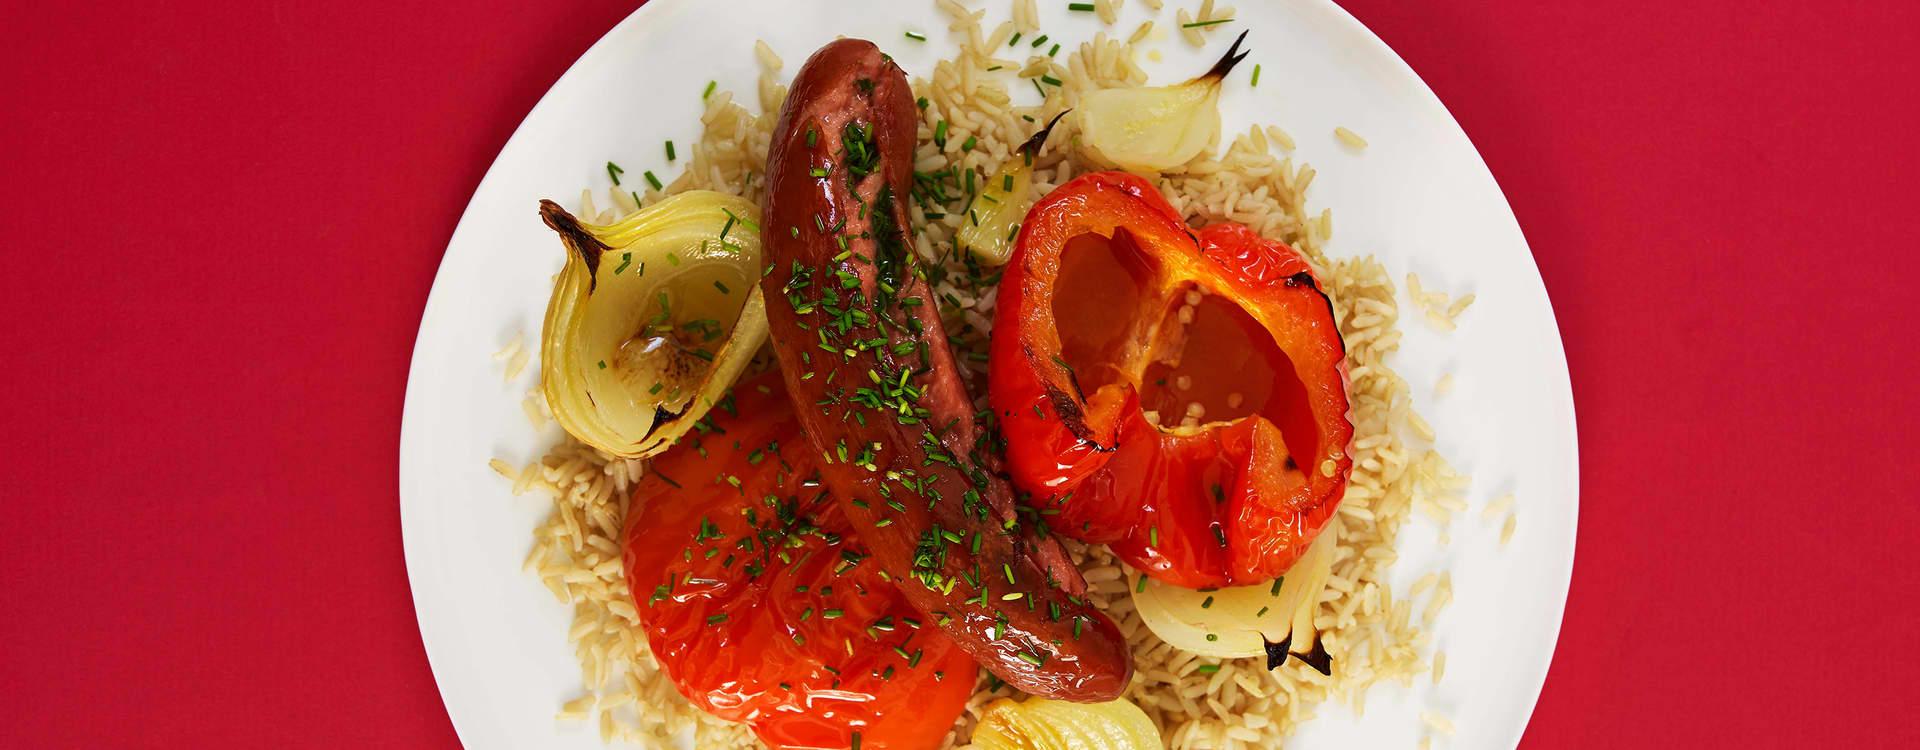 Ovnsbakt kjøttpølse med løk, paprika og ris